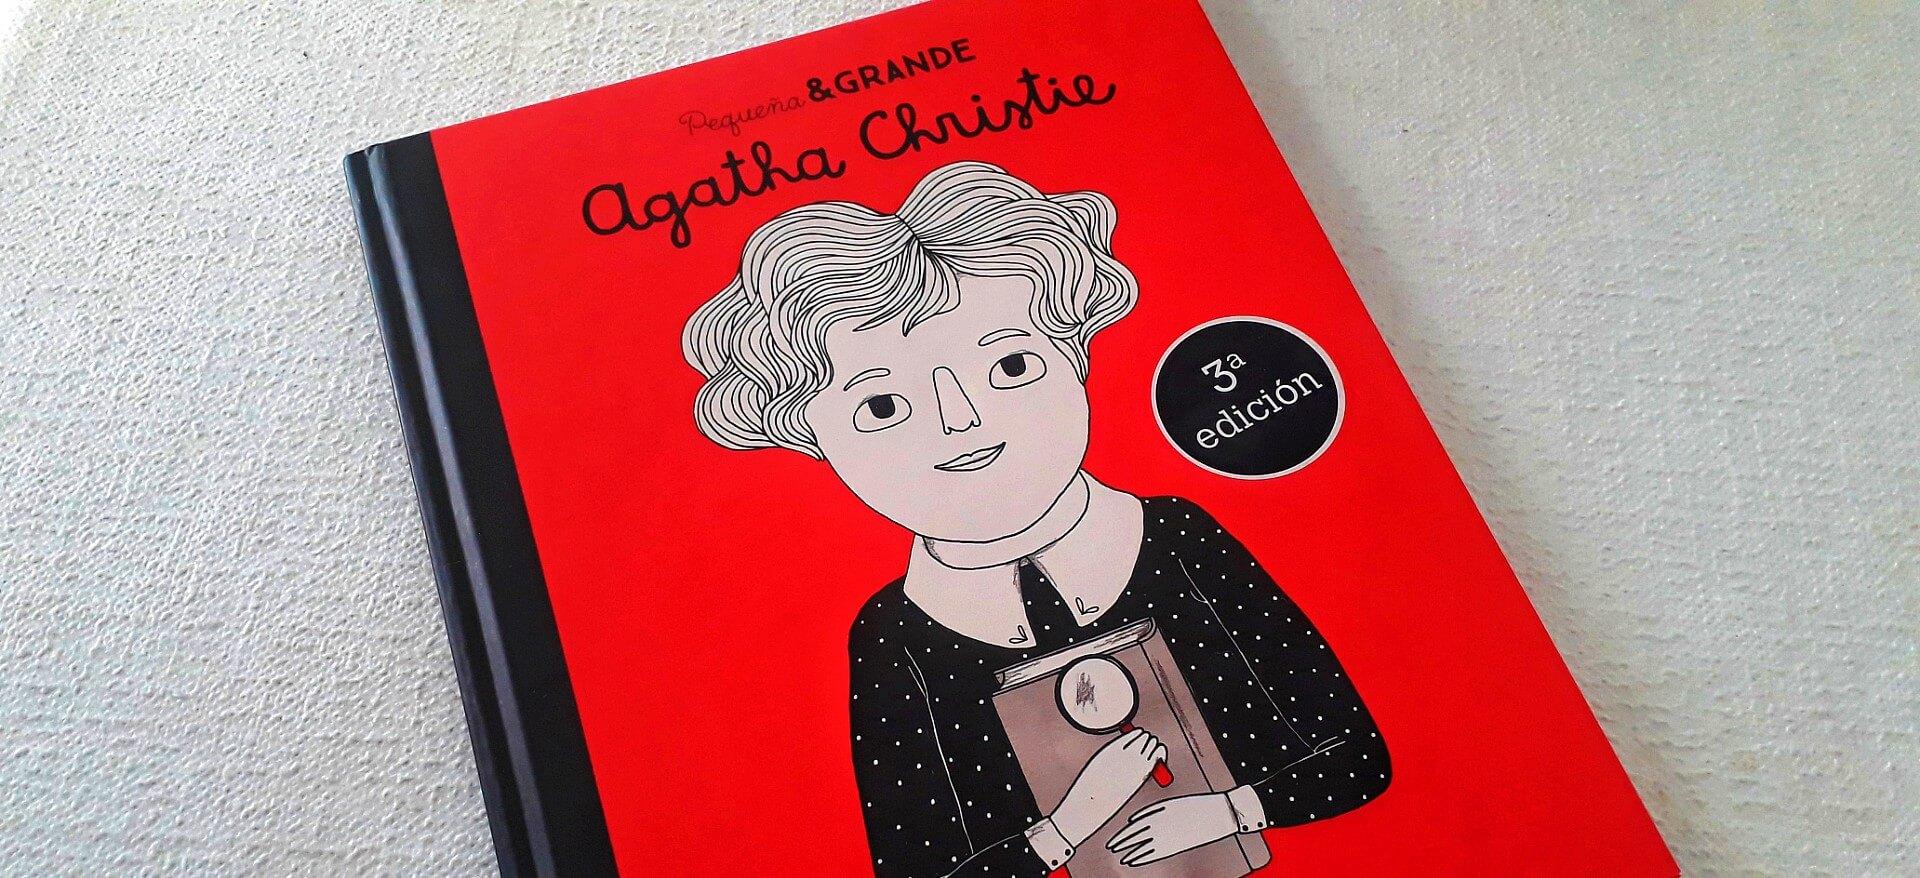 Pequeña & Grande, uma biografia ilustrada de Agatha Christie